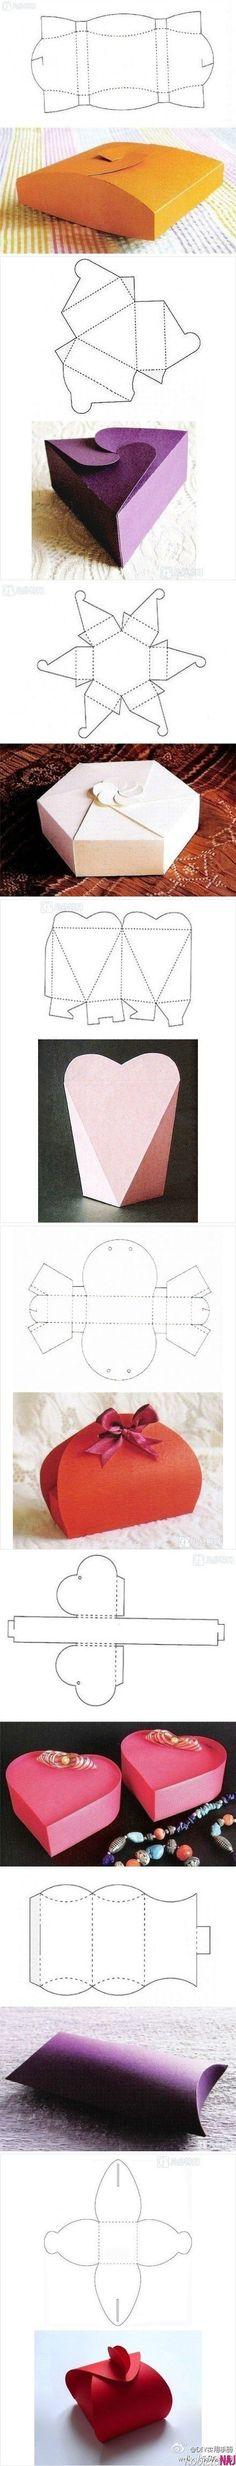 Jak zrobić pudełko na biżuterię - instrukcja